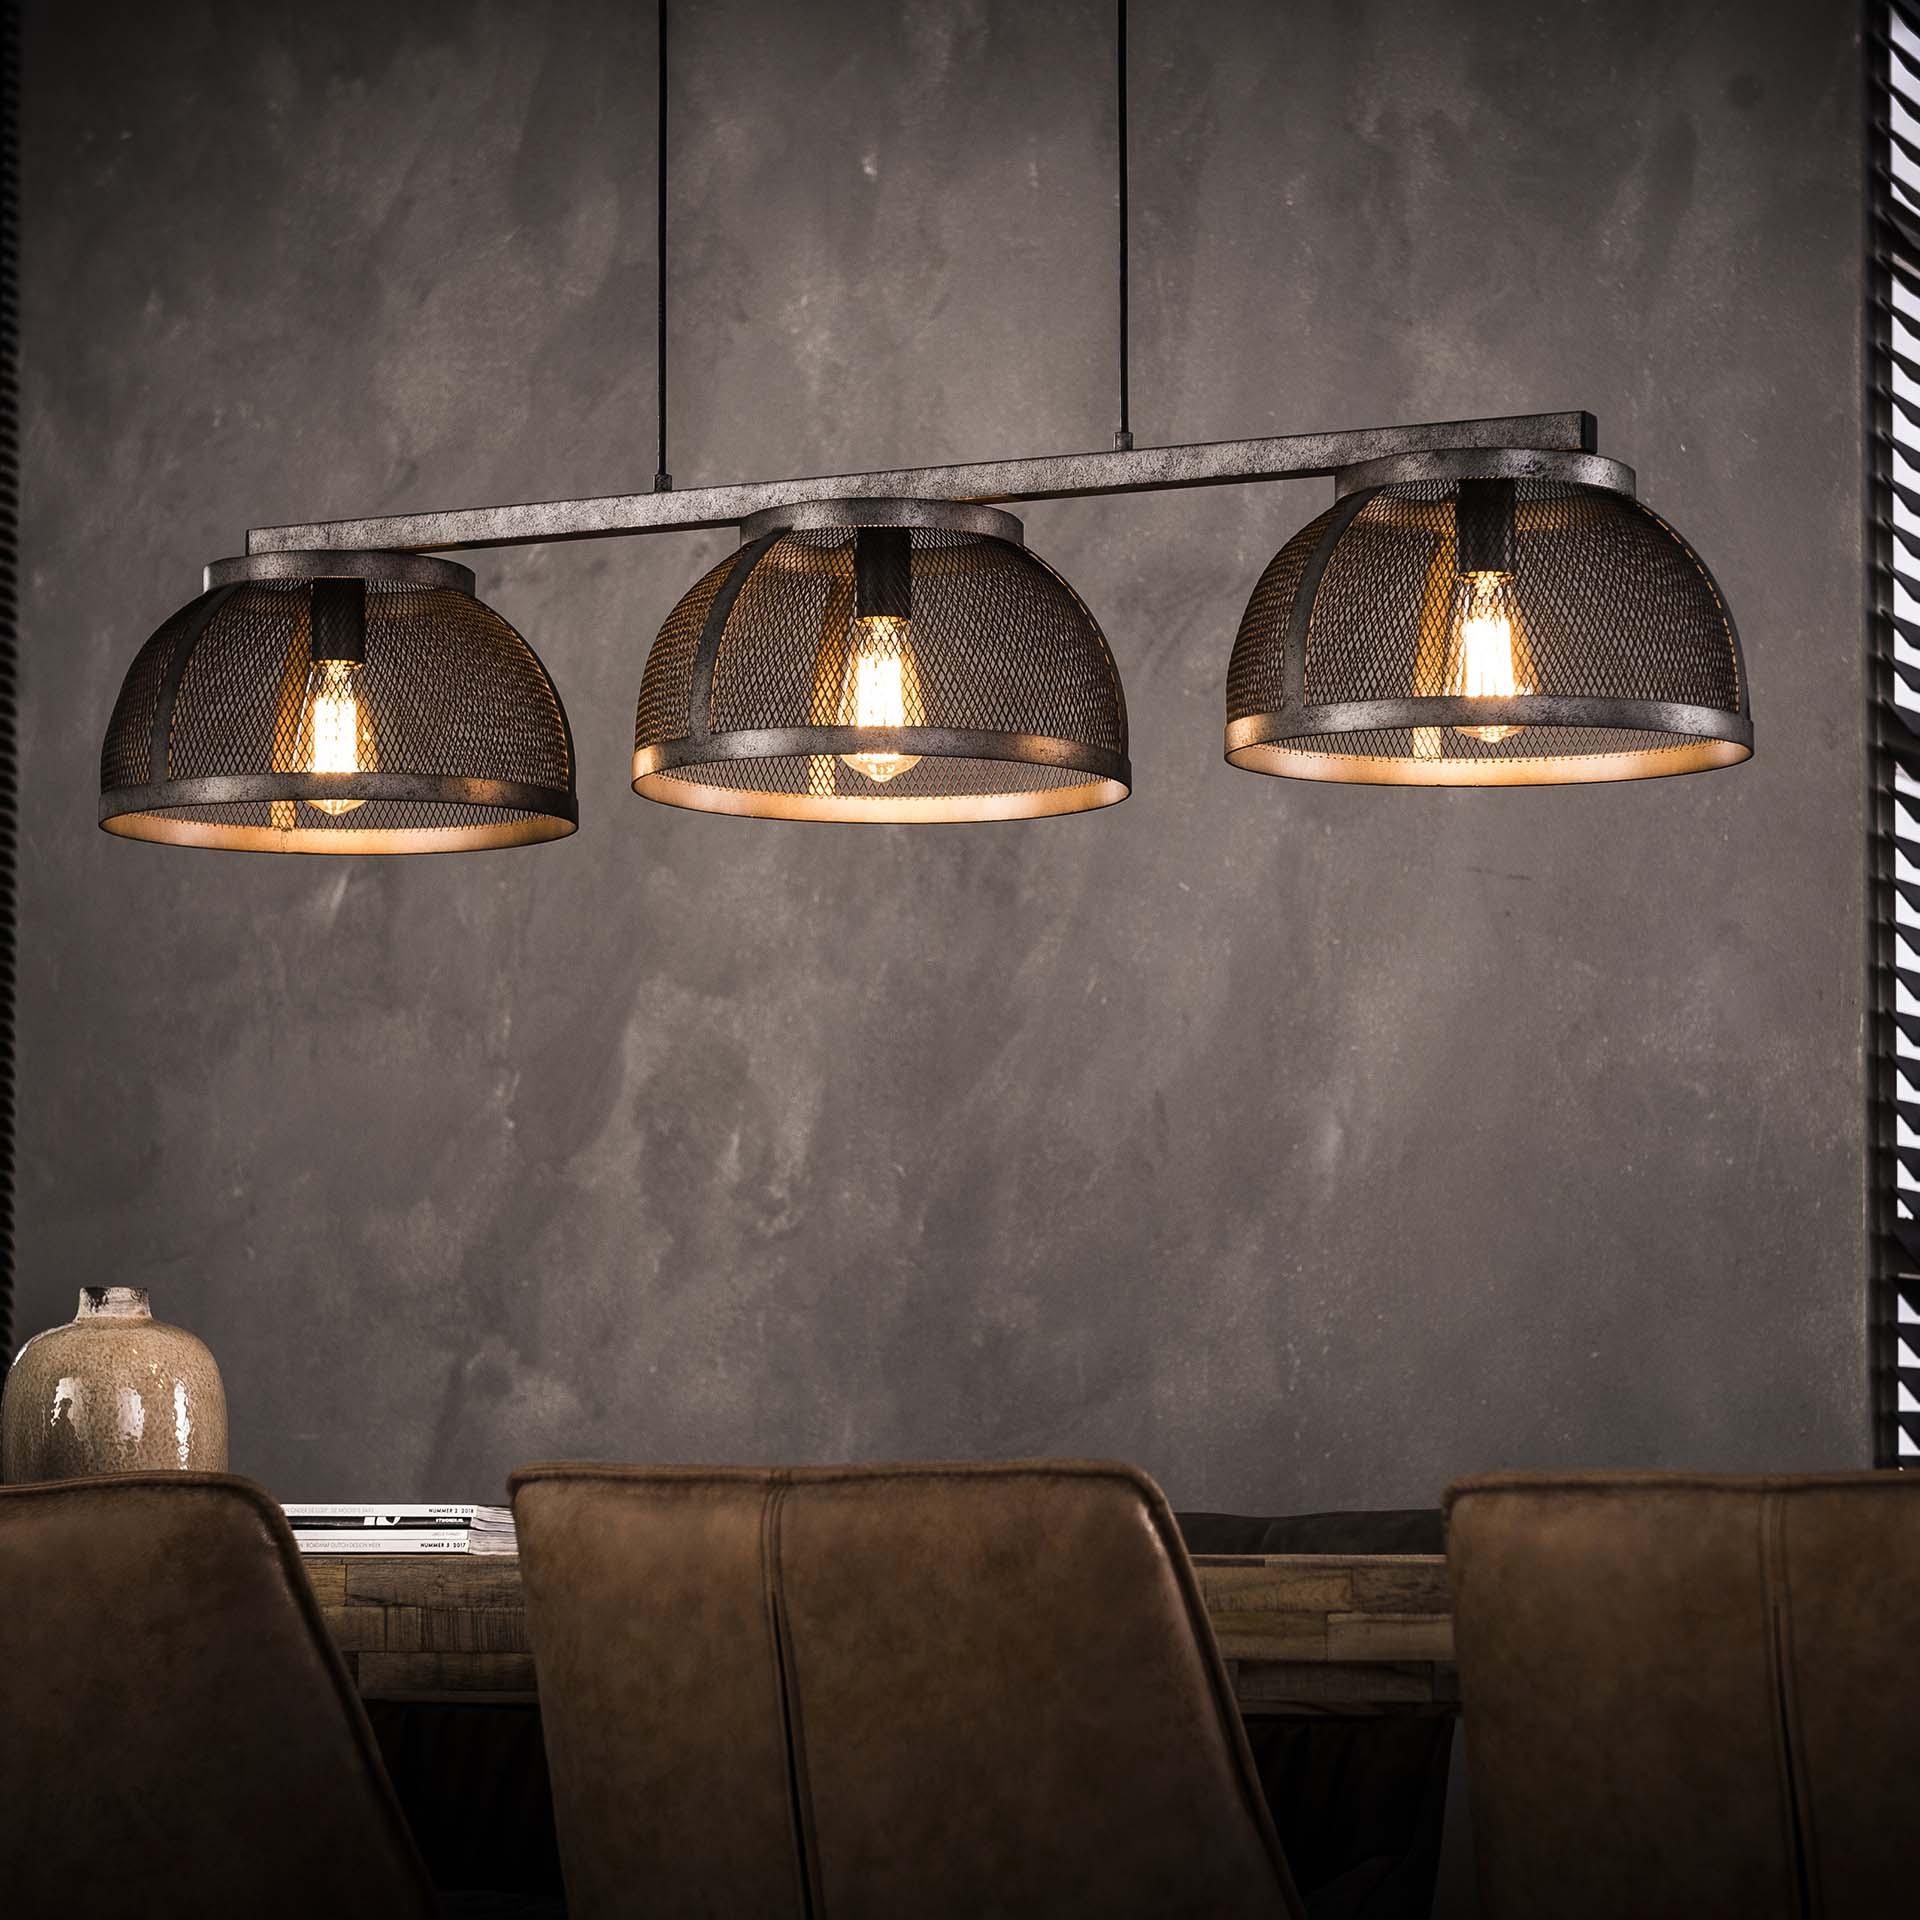 Industriële Hanglamp 'Lee' 3-lamps Ø35cm Verlichting | Hanglampen kopen